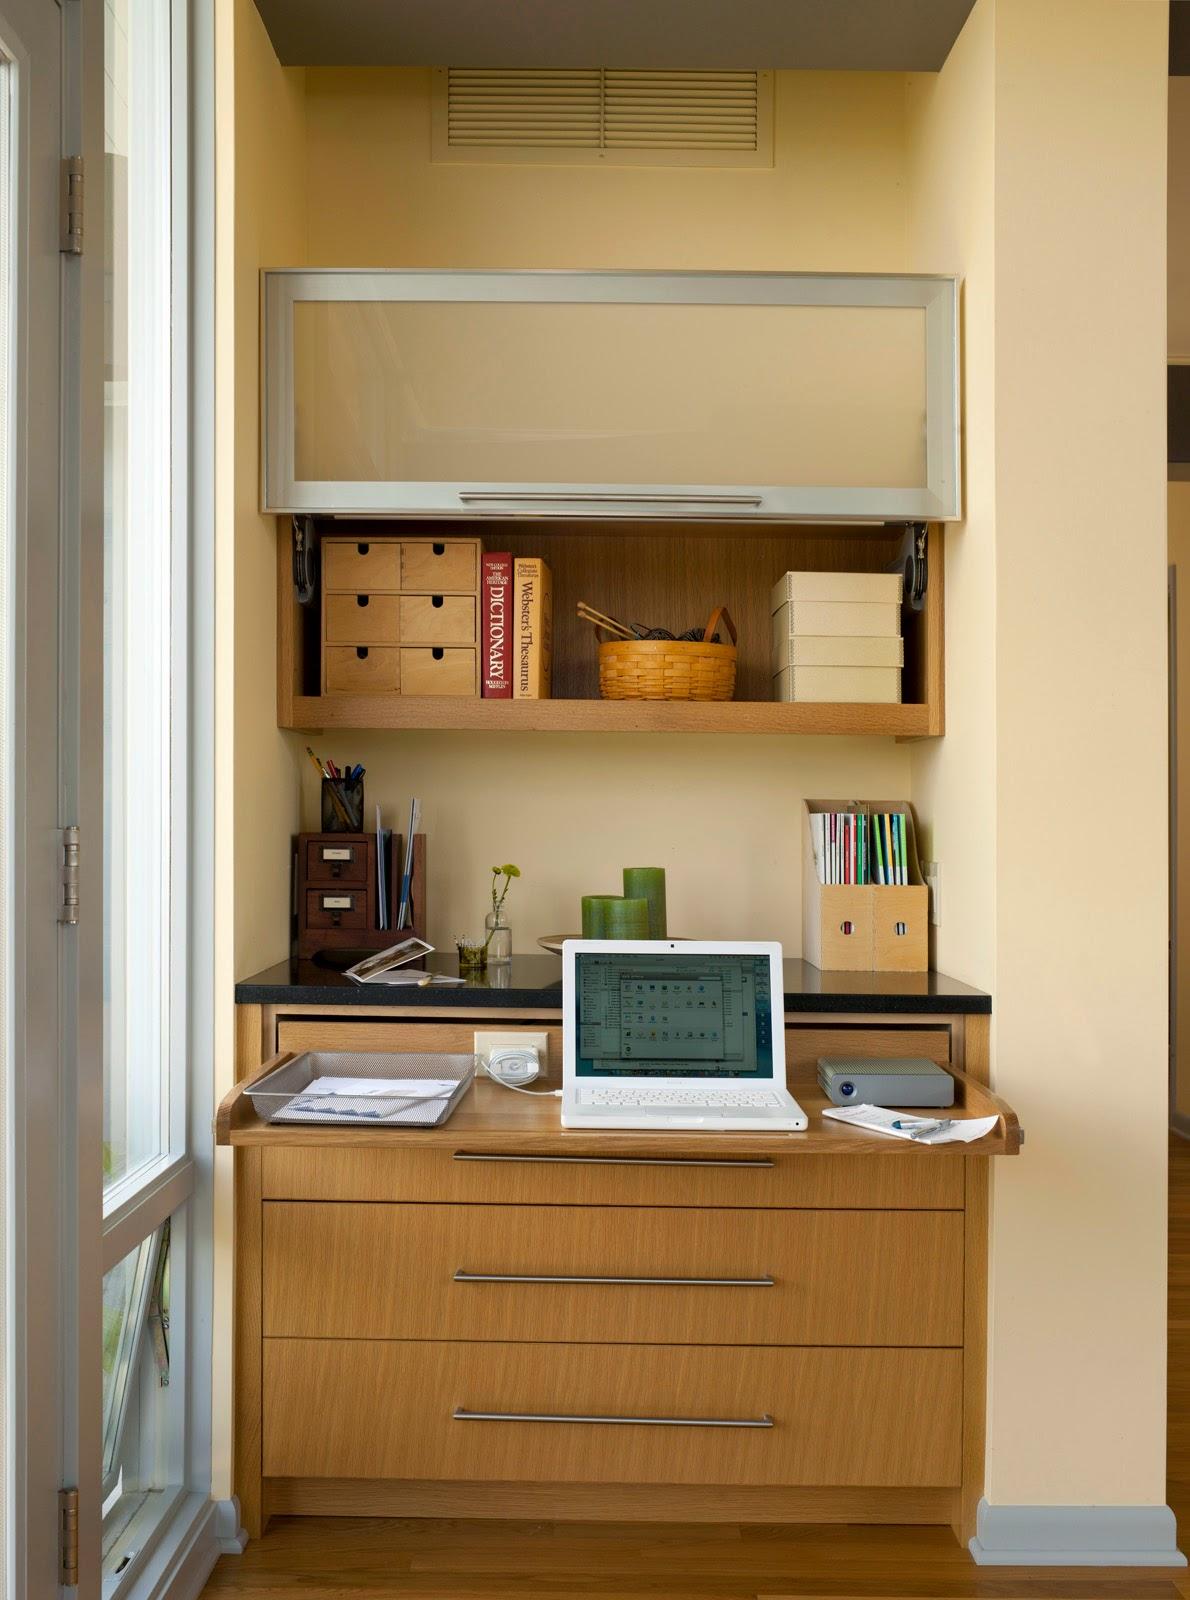 Schreibtisch Sekretär aus Küchen-Elementen: Selbermachen-Tipp mit IKEA Faktum Küche